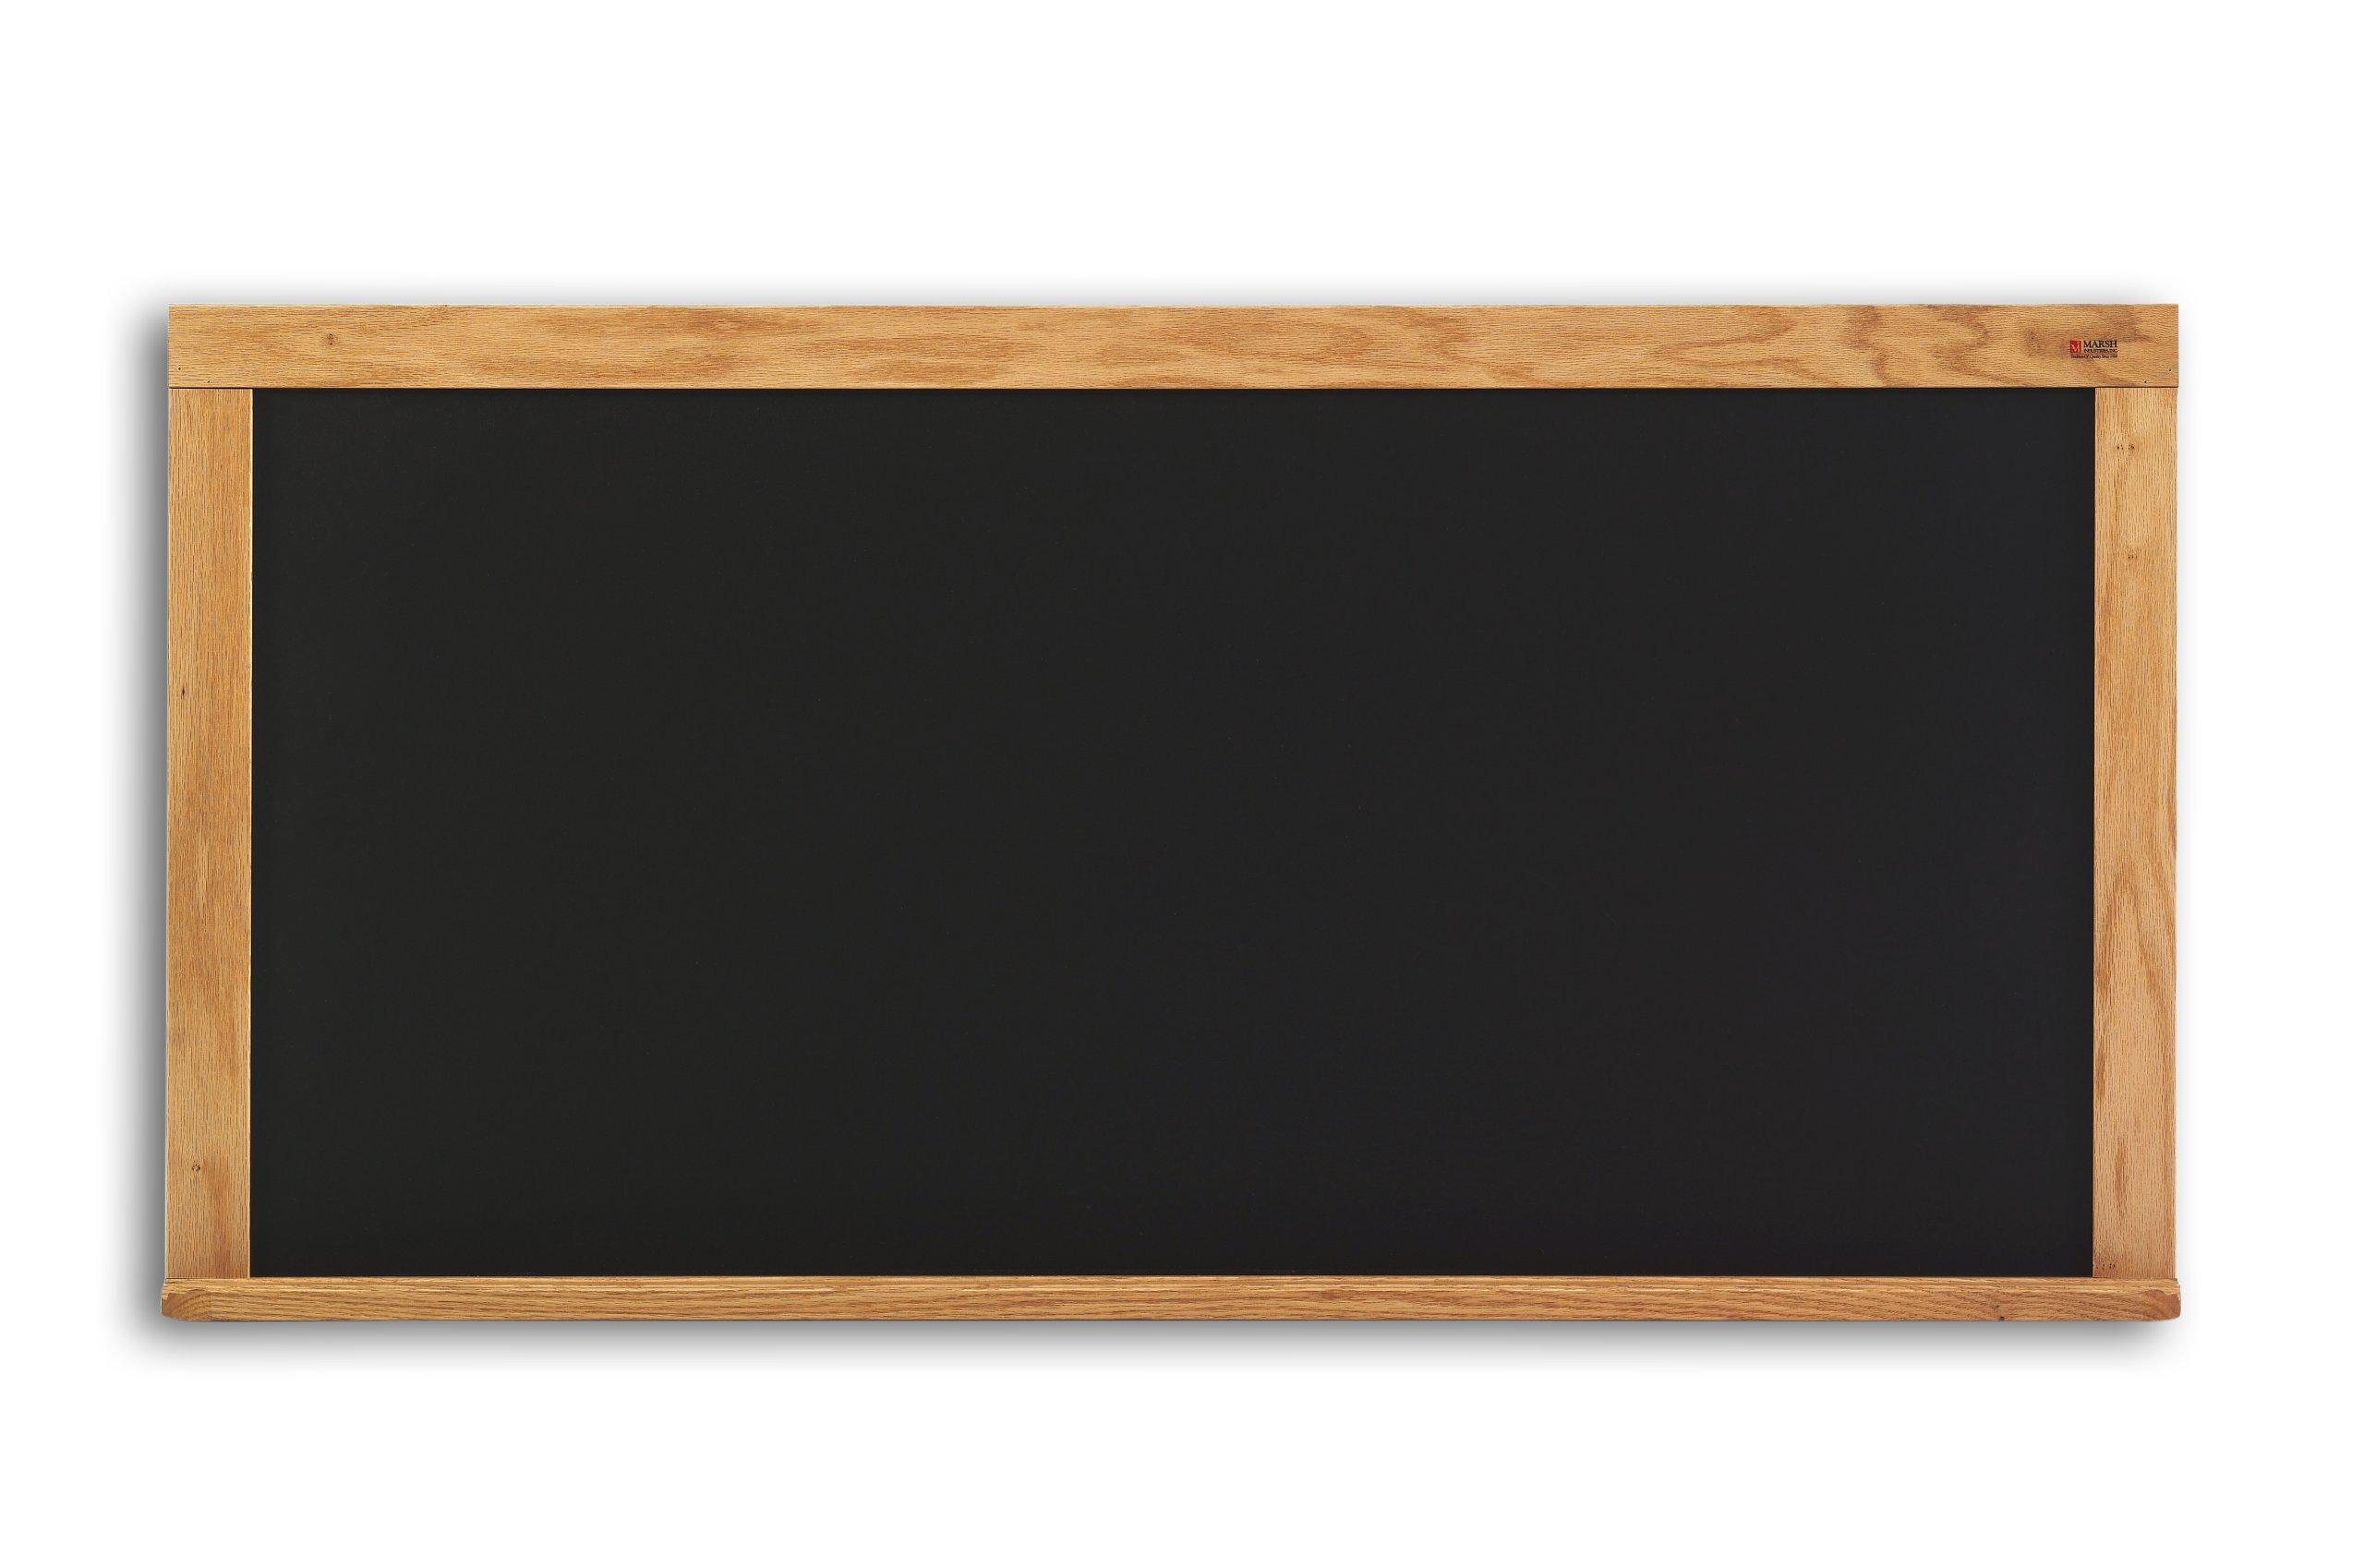 Composition Chalkboard in Black w Oak Wood Trim (48 in. x 72 in.)